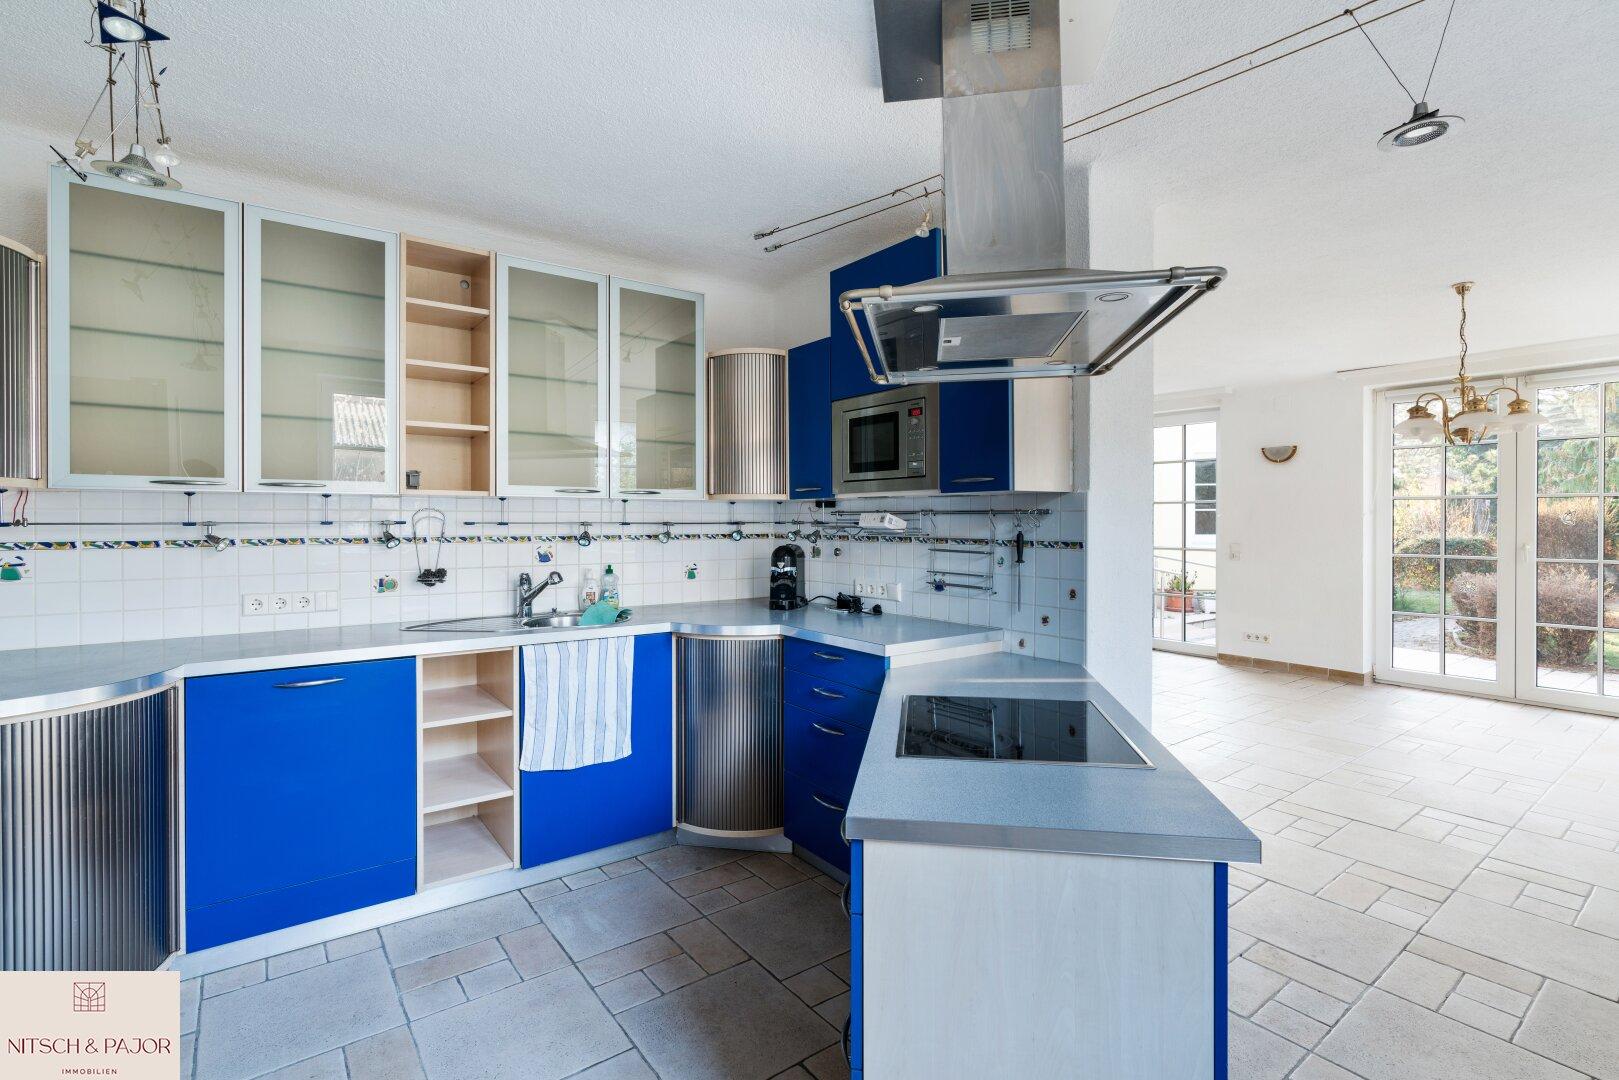 Offene Küche mit Blick in das Wohnzimmer